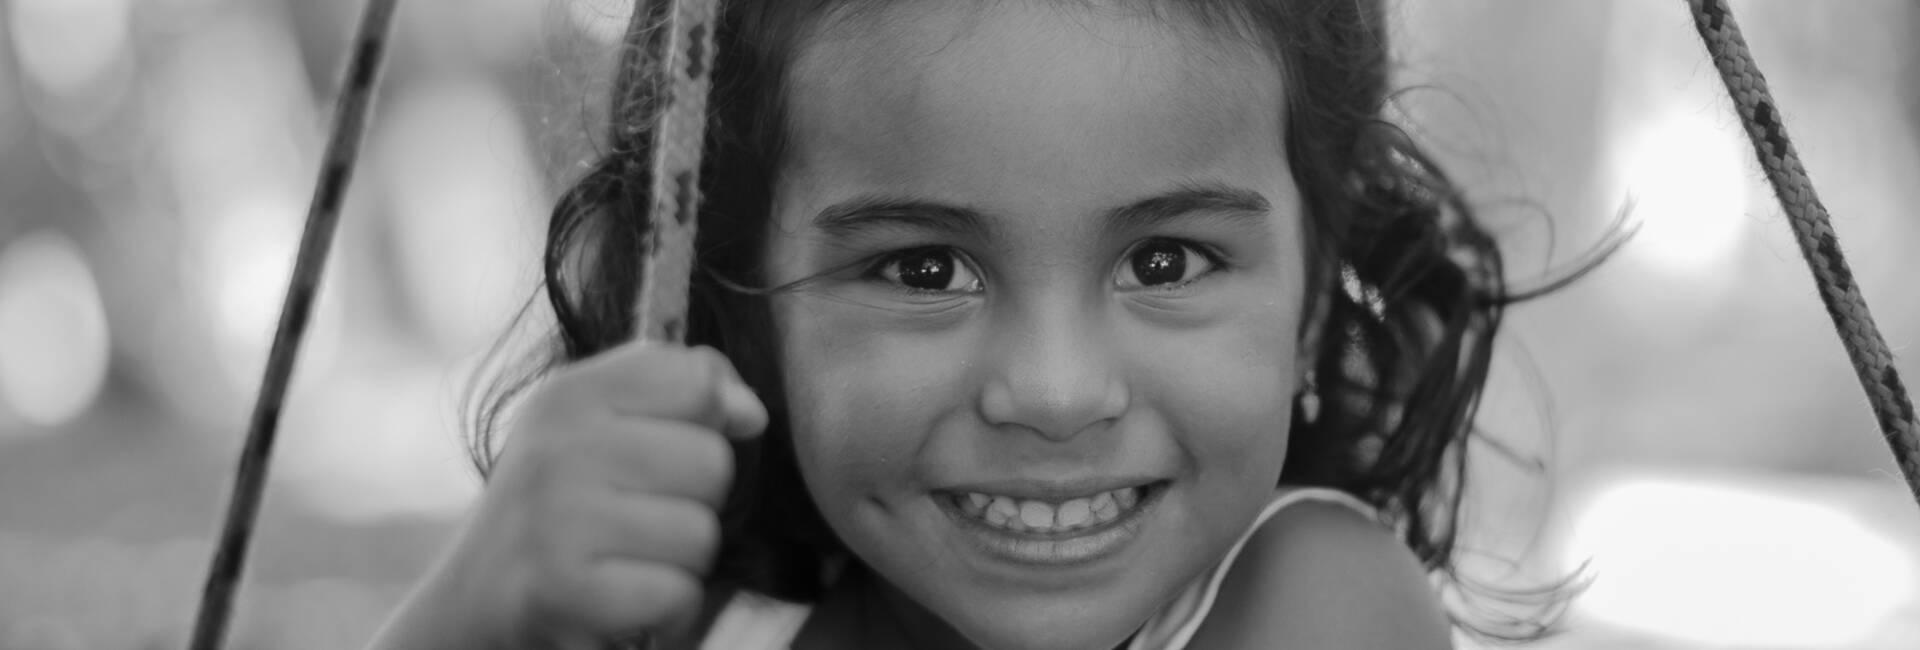 Infantil de Um piquenique com Alice e a Dora Aventureira